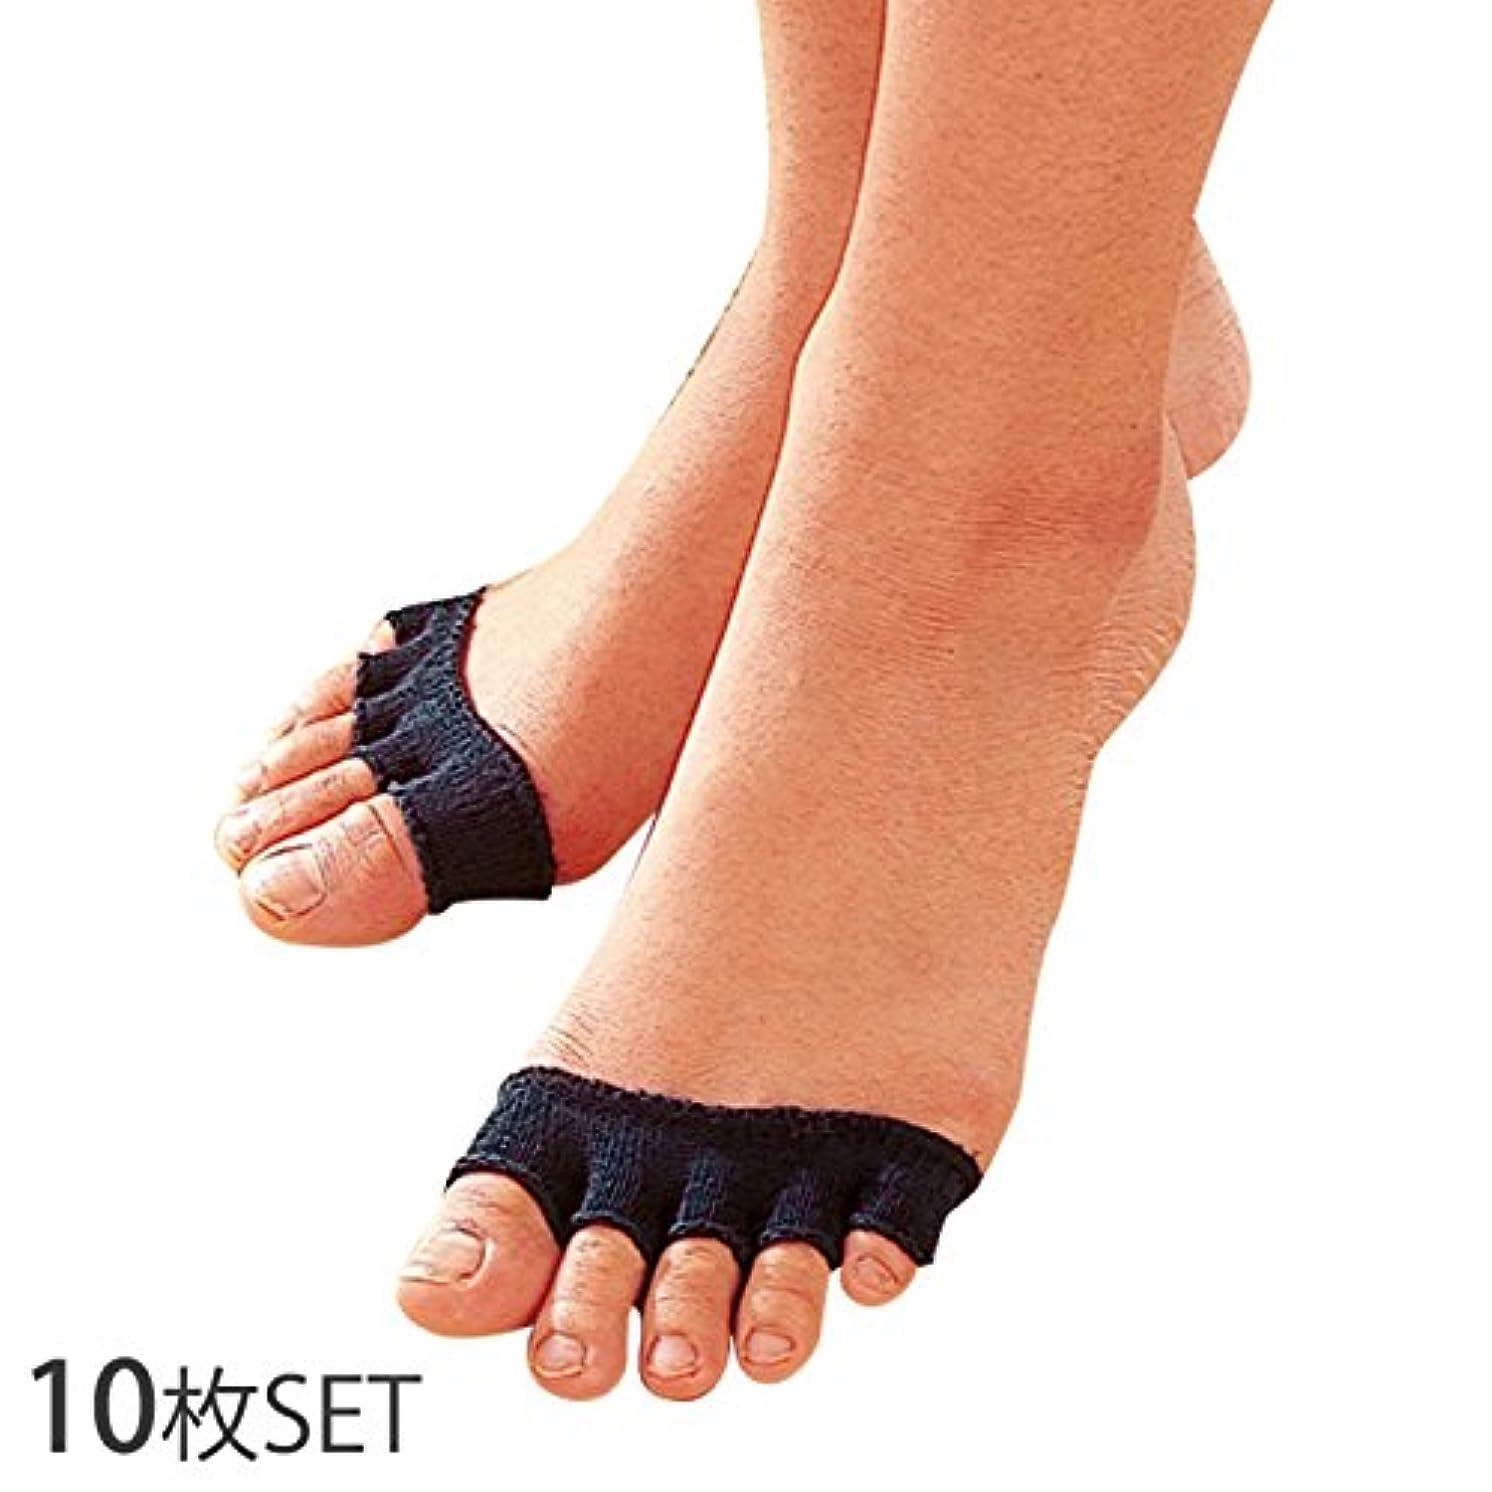 コーナー過度に許さない5本指ソックス 5本指 指先なし 5本指靴下 抗菌防臭加工 消臭 ひのき指の間カバー 10枚セット 紺